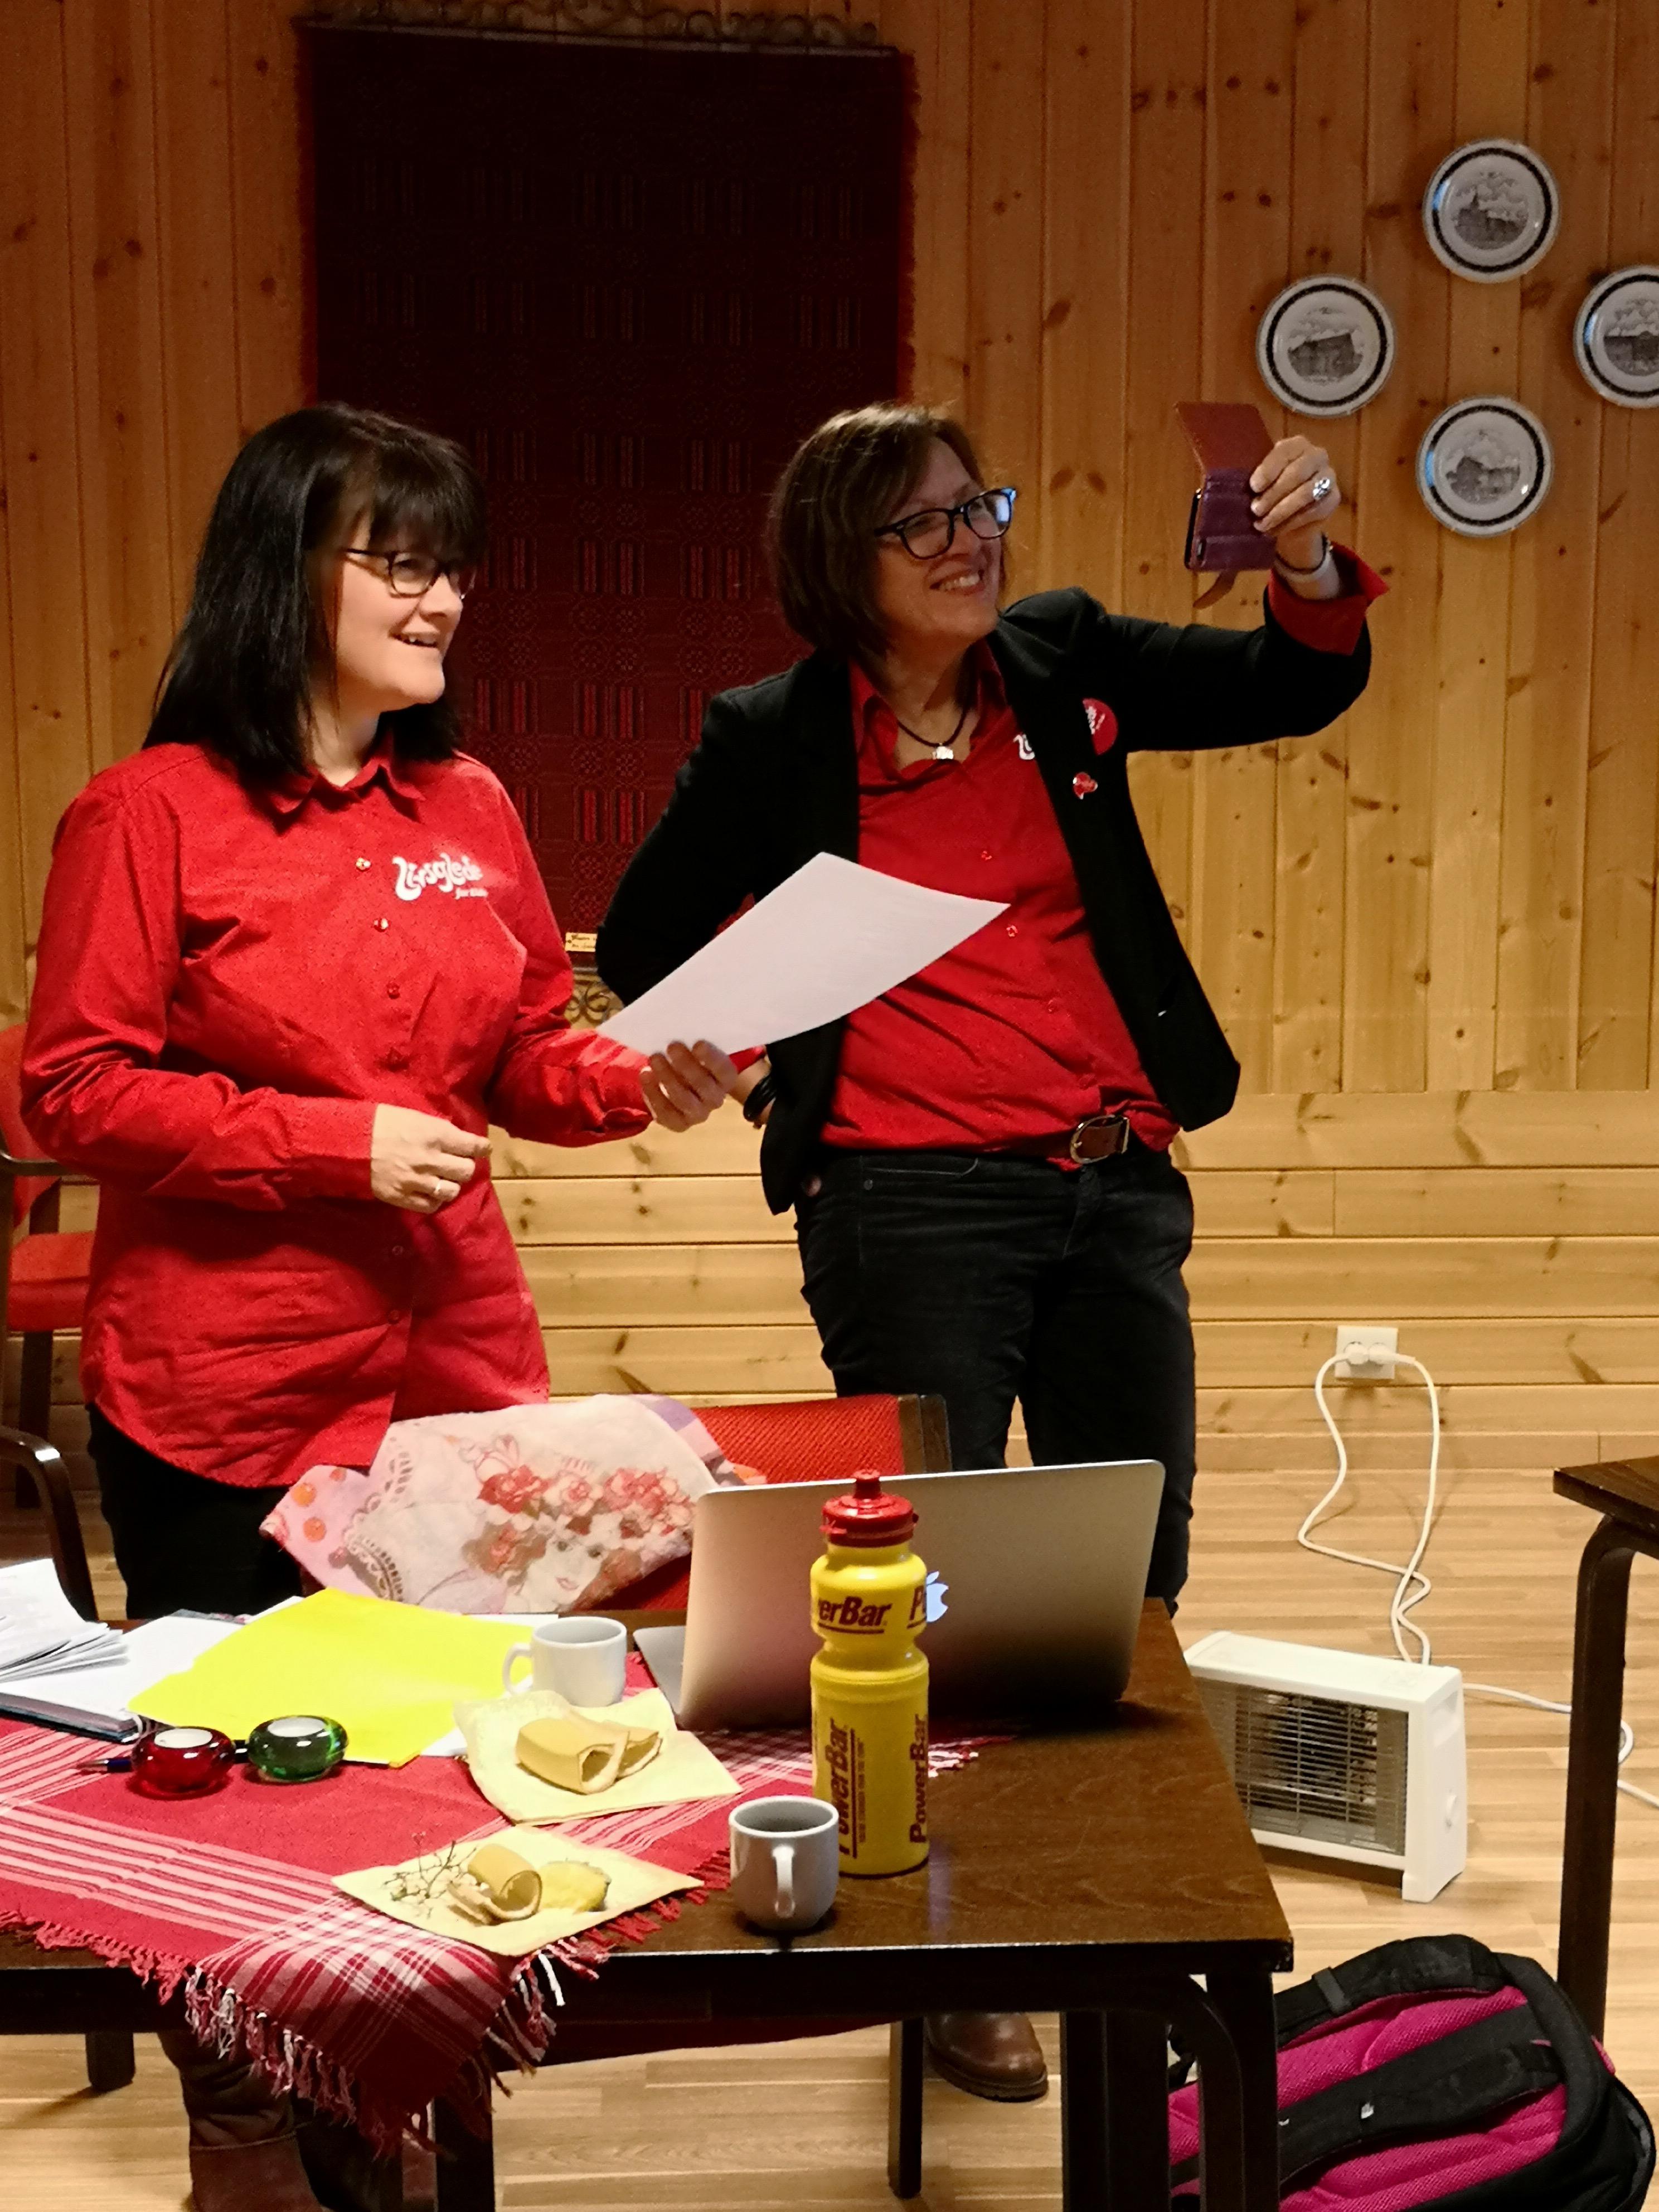 Sertifisører Anne Grasbakken og Frøydis Høyem